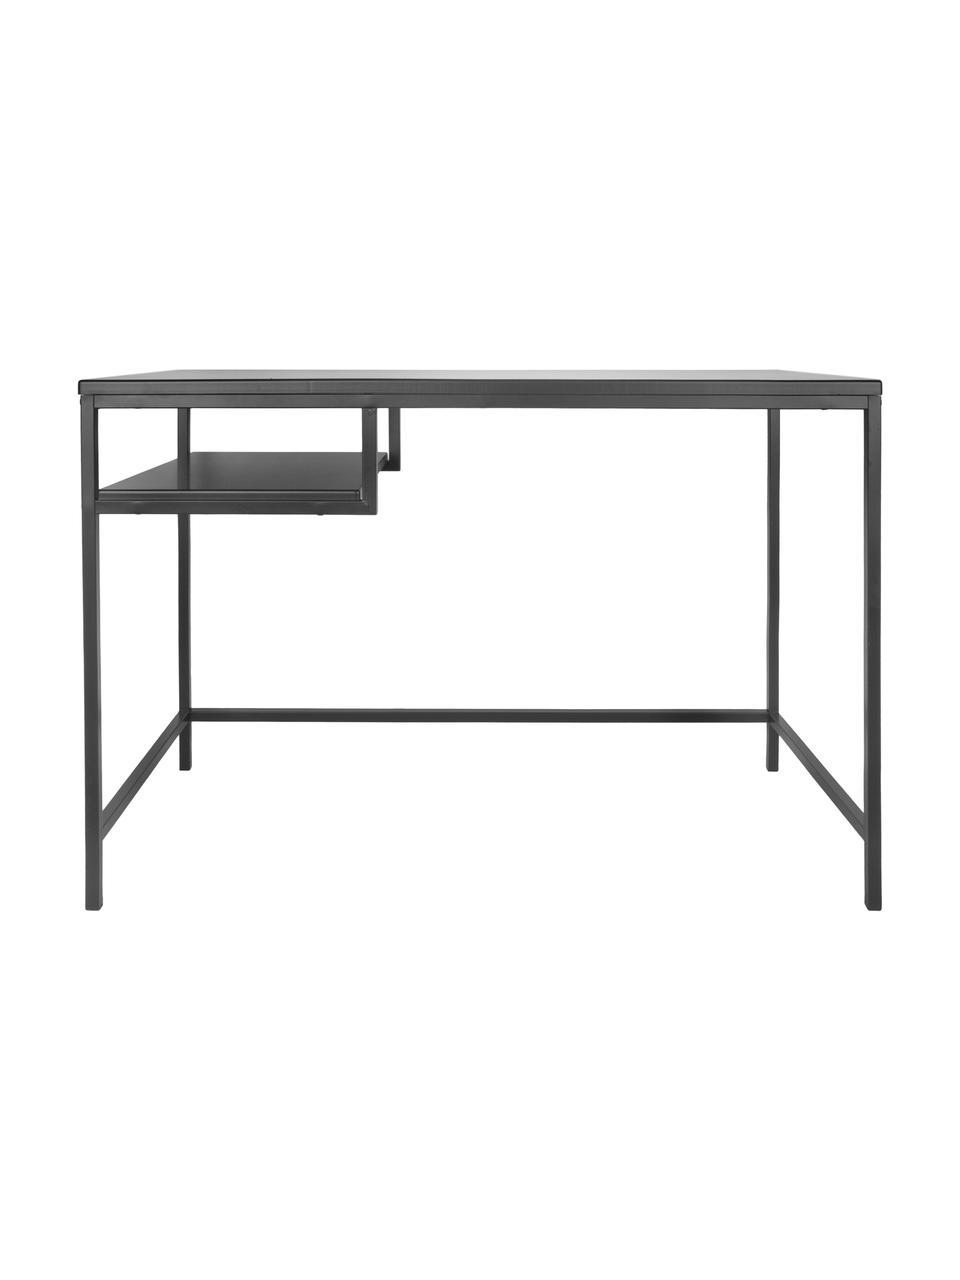 Bureau Fushion in zwart, Frame: gepoedercoat metaal, Zwart, 114 x 76 cm